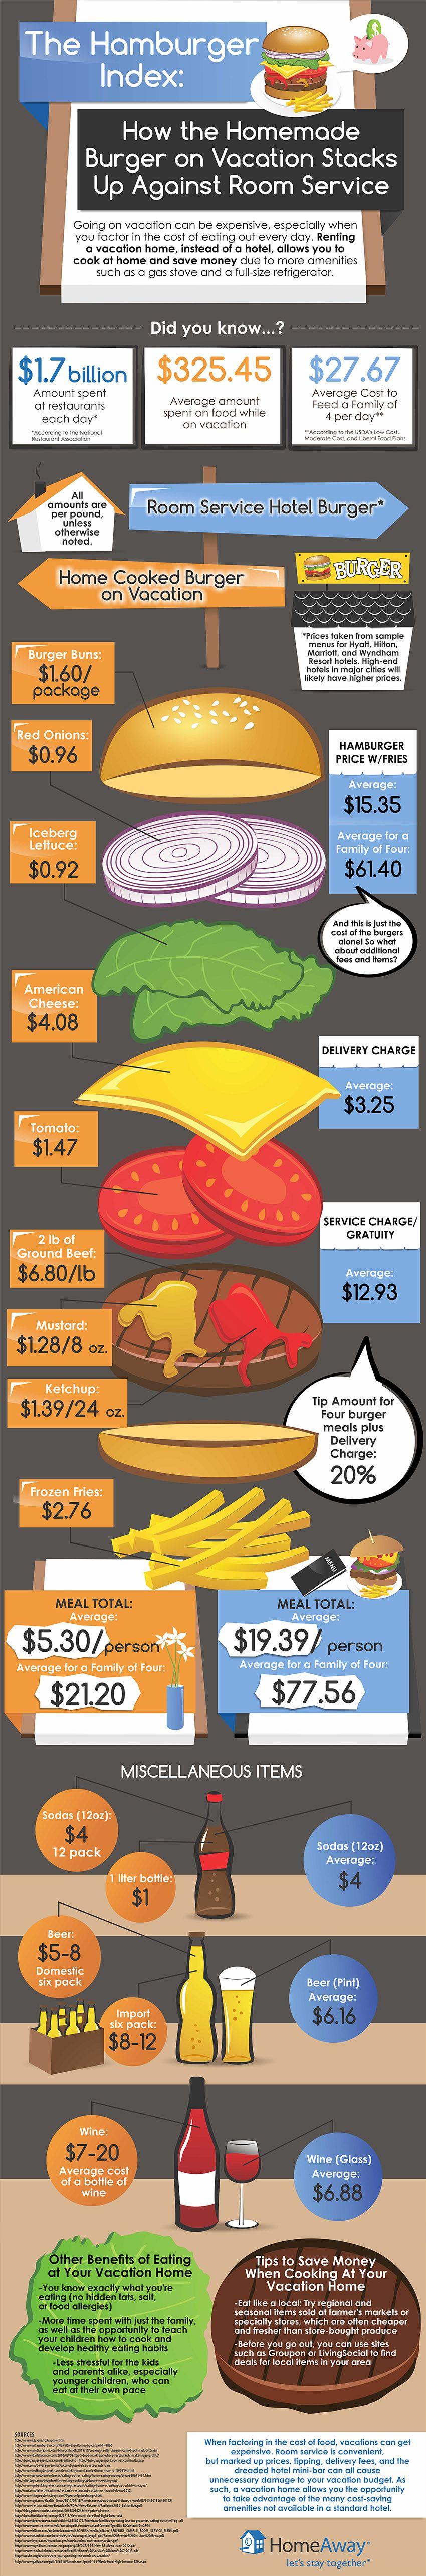 the-hamburger-index_5255bc29577ba